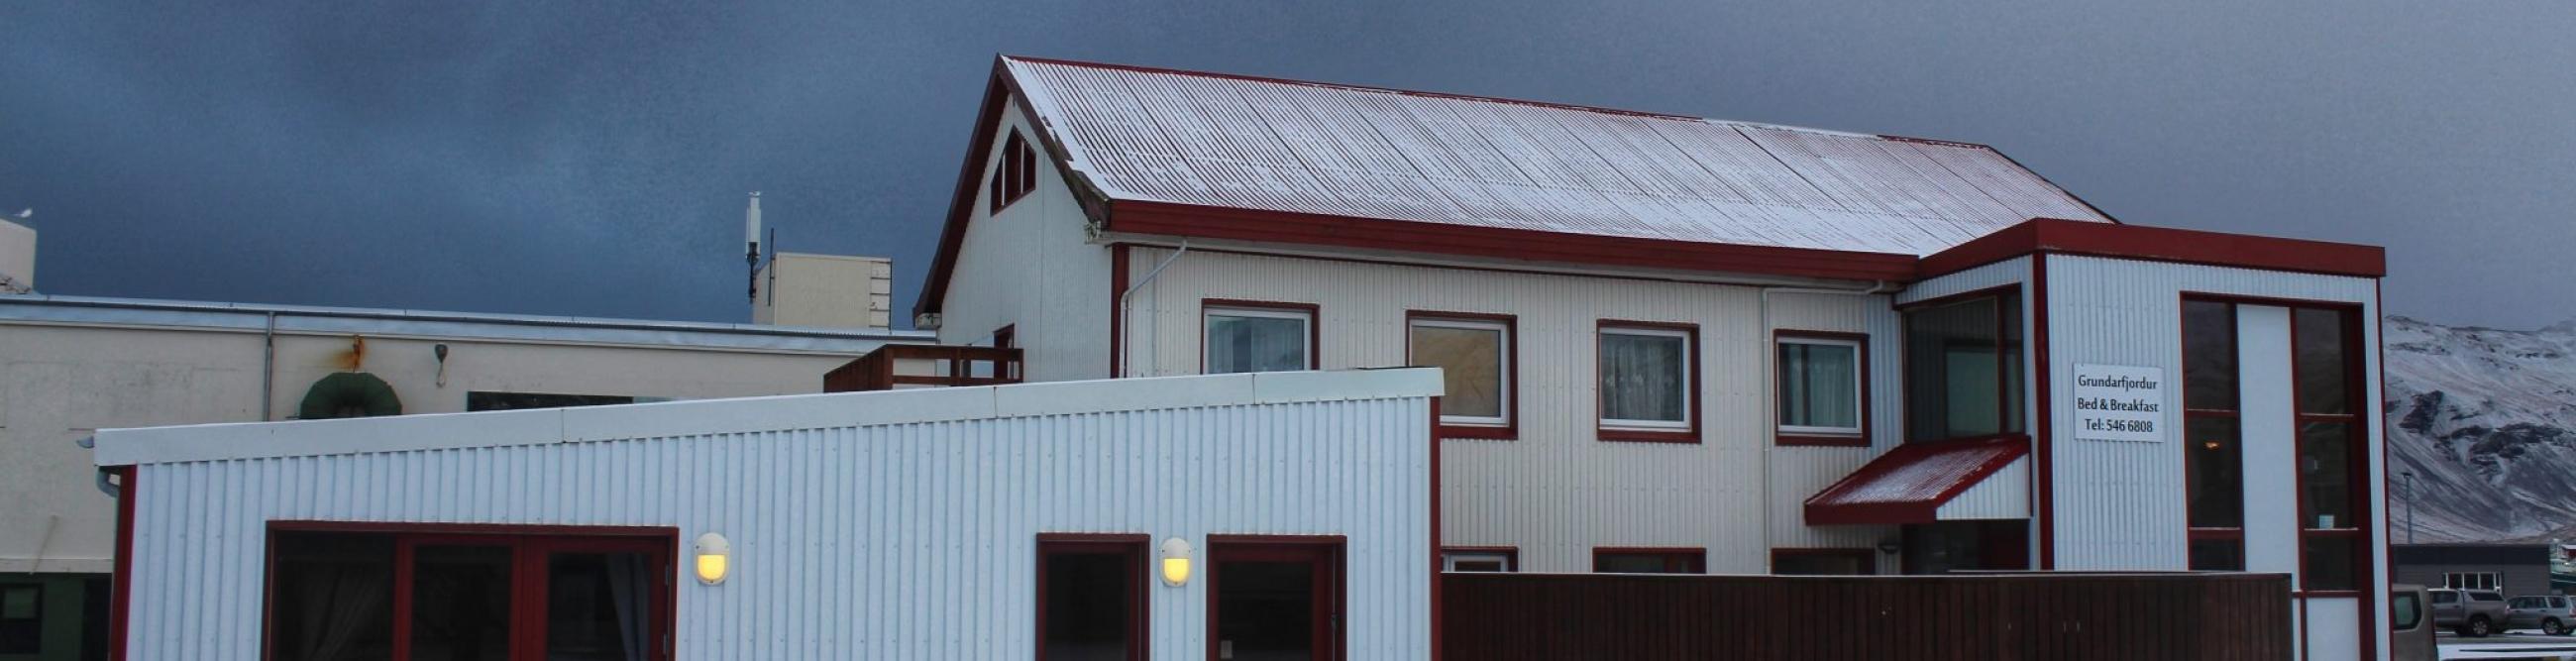 Grundarfjordur Bed & Breakfast - Gemütliche Unterkunft in Snaefellsnes